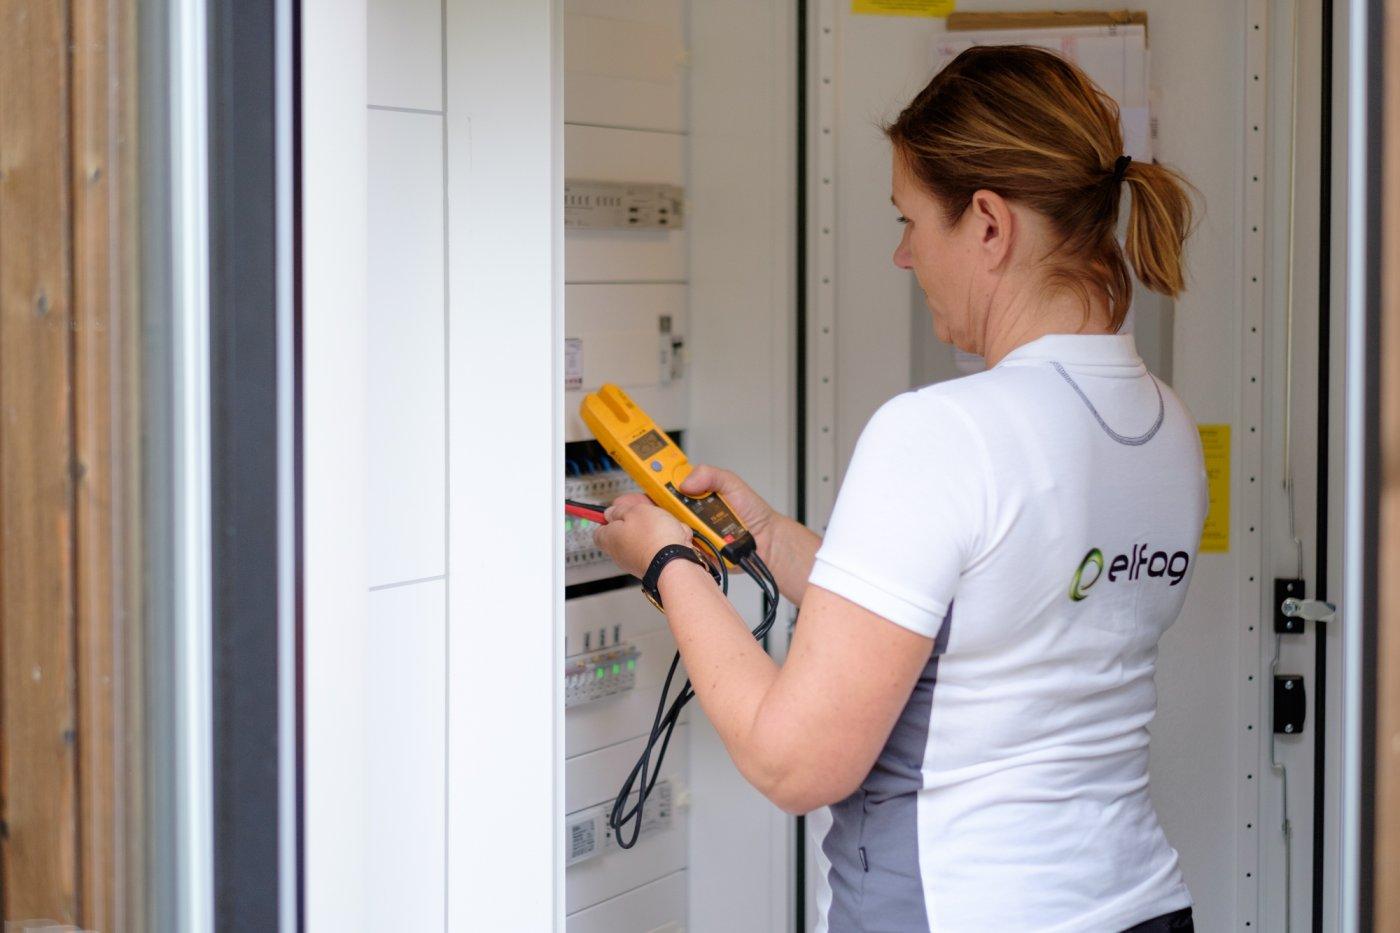 elfag elektriker sjekker sikrignsskap